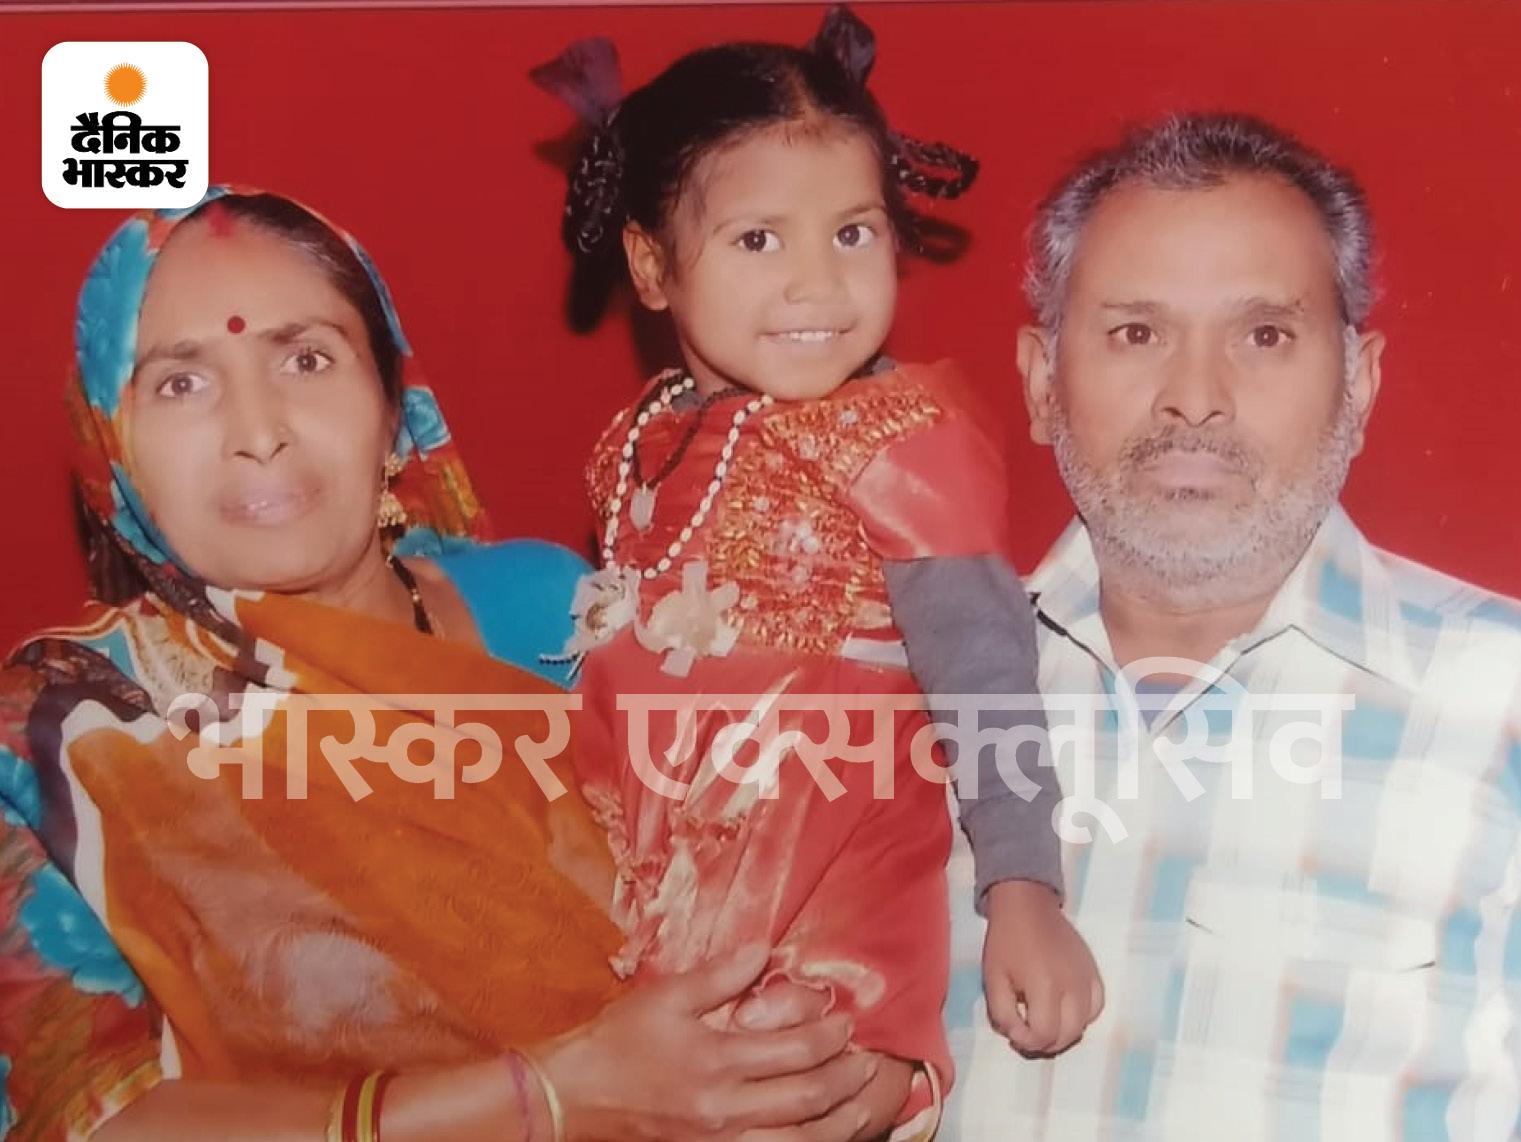 घर के एक कमरे में मिली पति, पत्नी, 13 साल की बेटी की लाश; बाप-बेटी को गला दबाकर और मां को चाकू से मारा, प्रॉपर्टी को लेकर हत्या की आशंका|ग्वालियर,Gwalior - Dainik Bhaskar